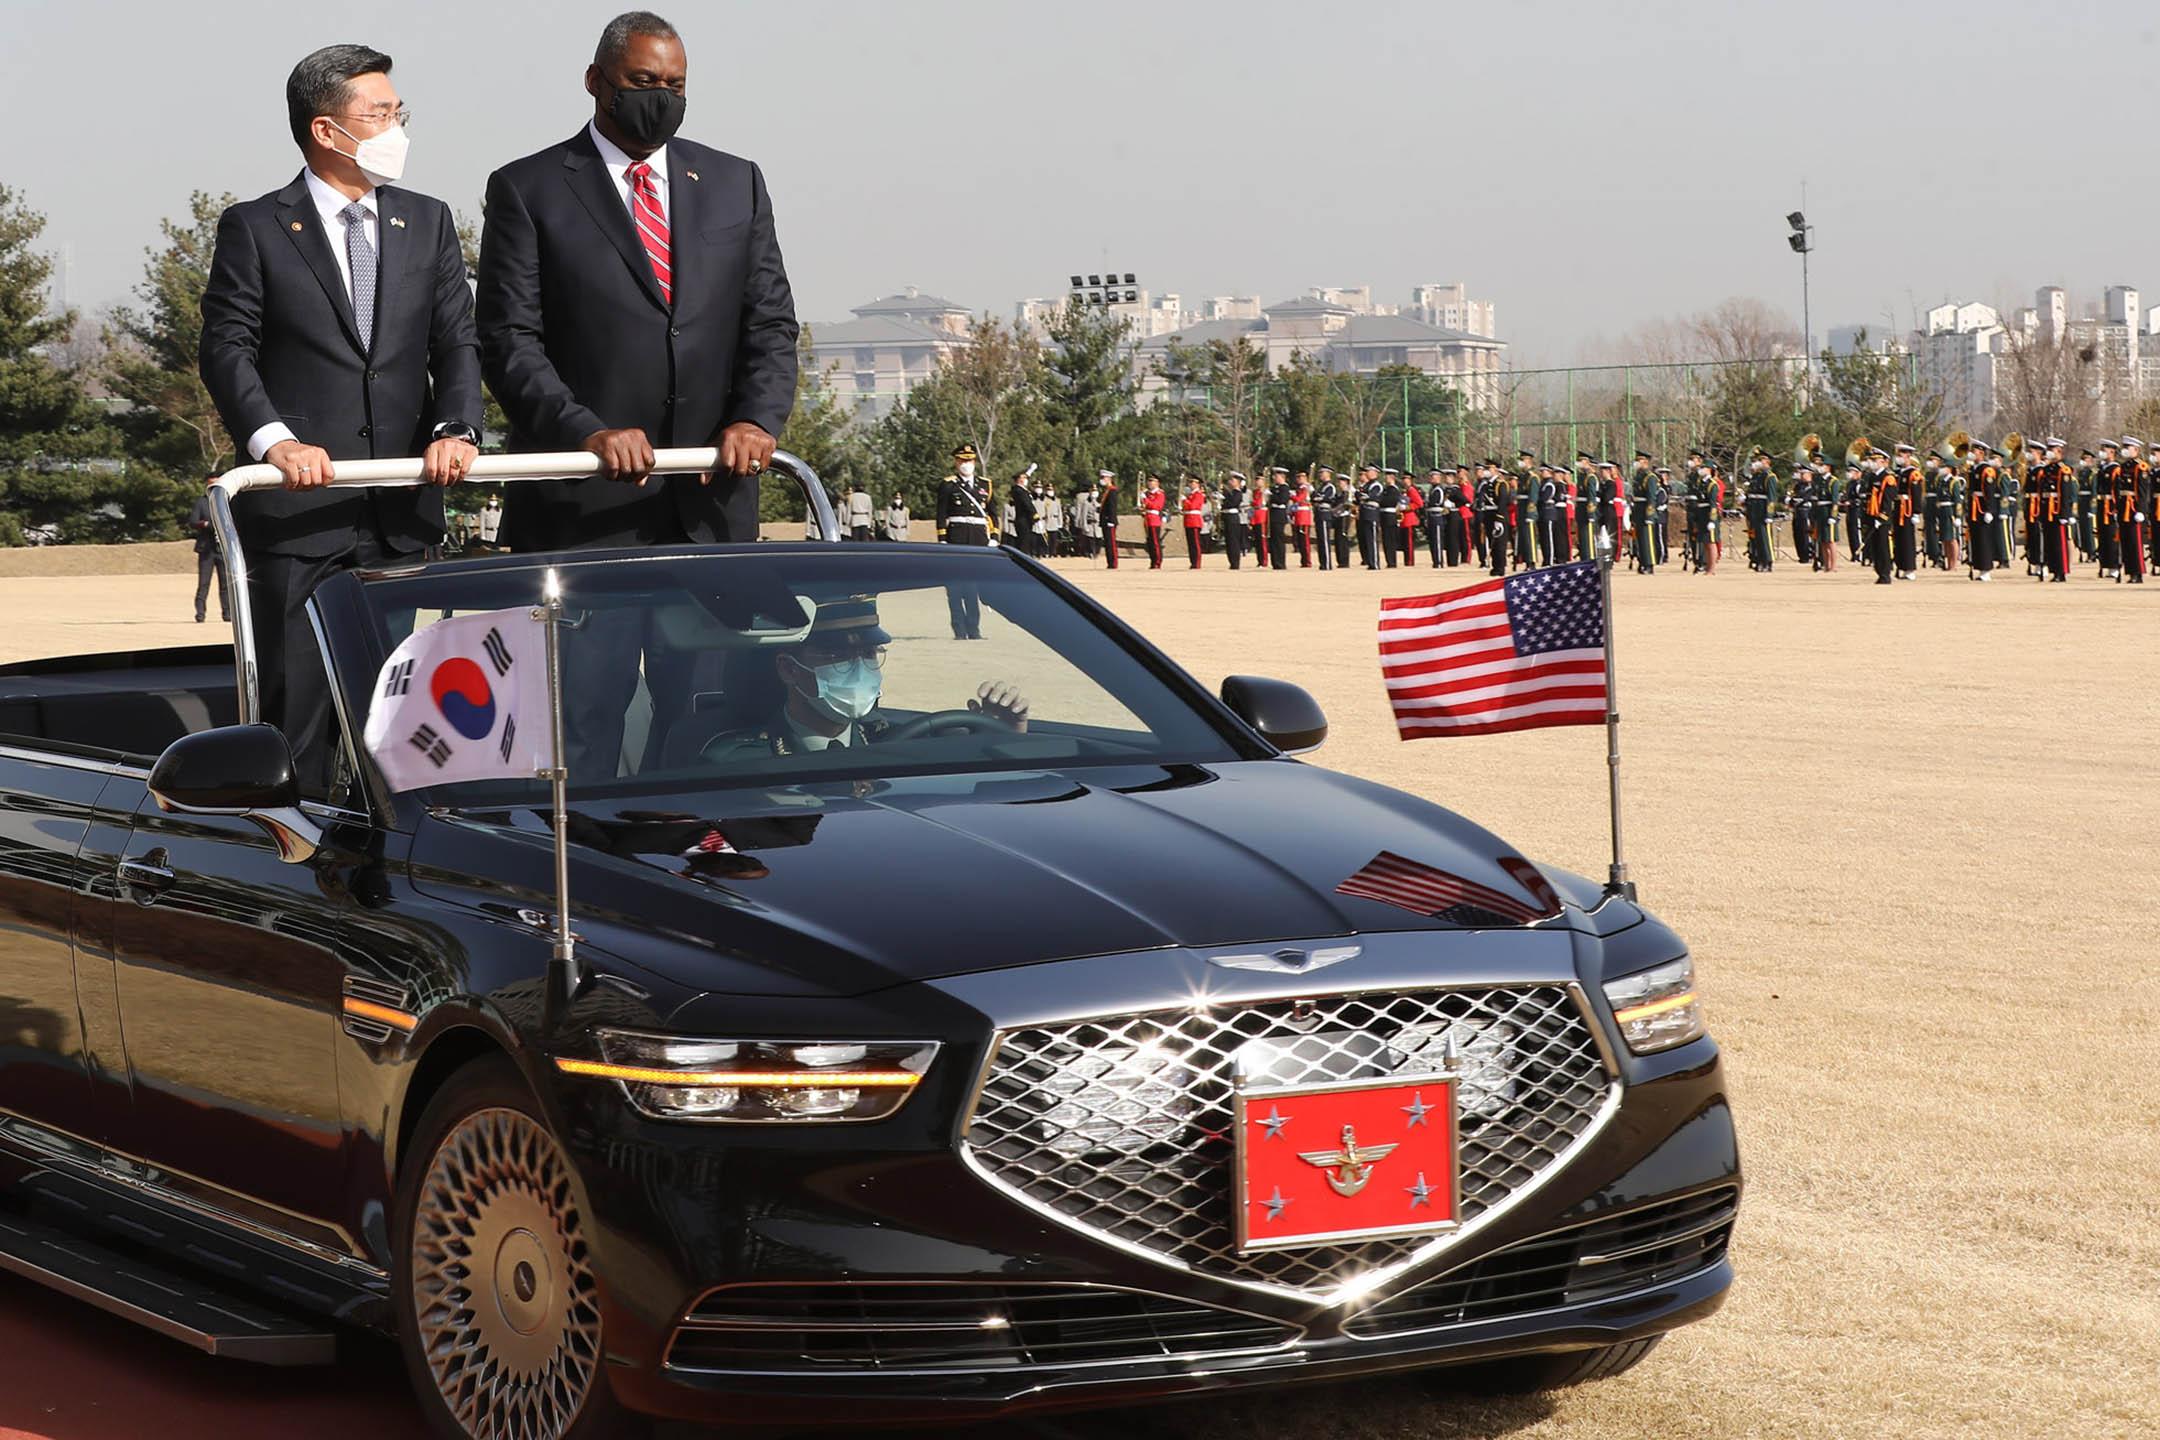 2021年3月17日韓國首爾,國防部的歡迎儀式上,美國國防部長 勞埃德·奧斯丁(右)與韓國國防部長徐旭 進行會談。